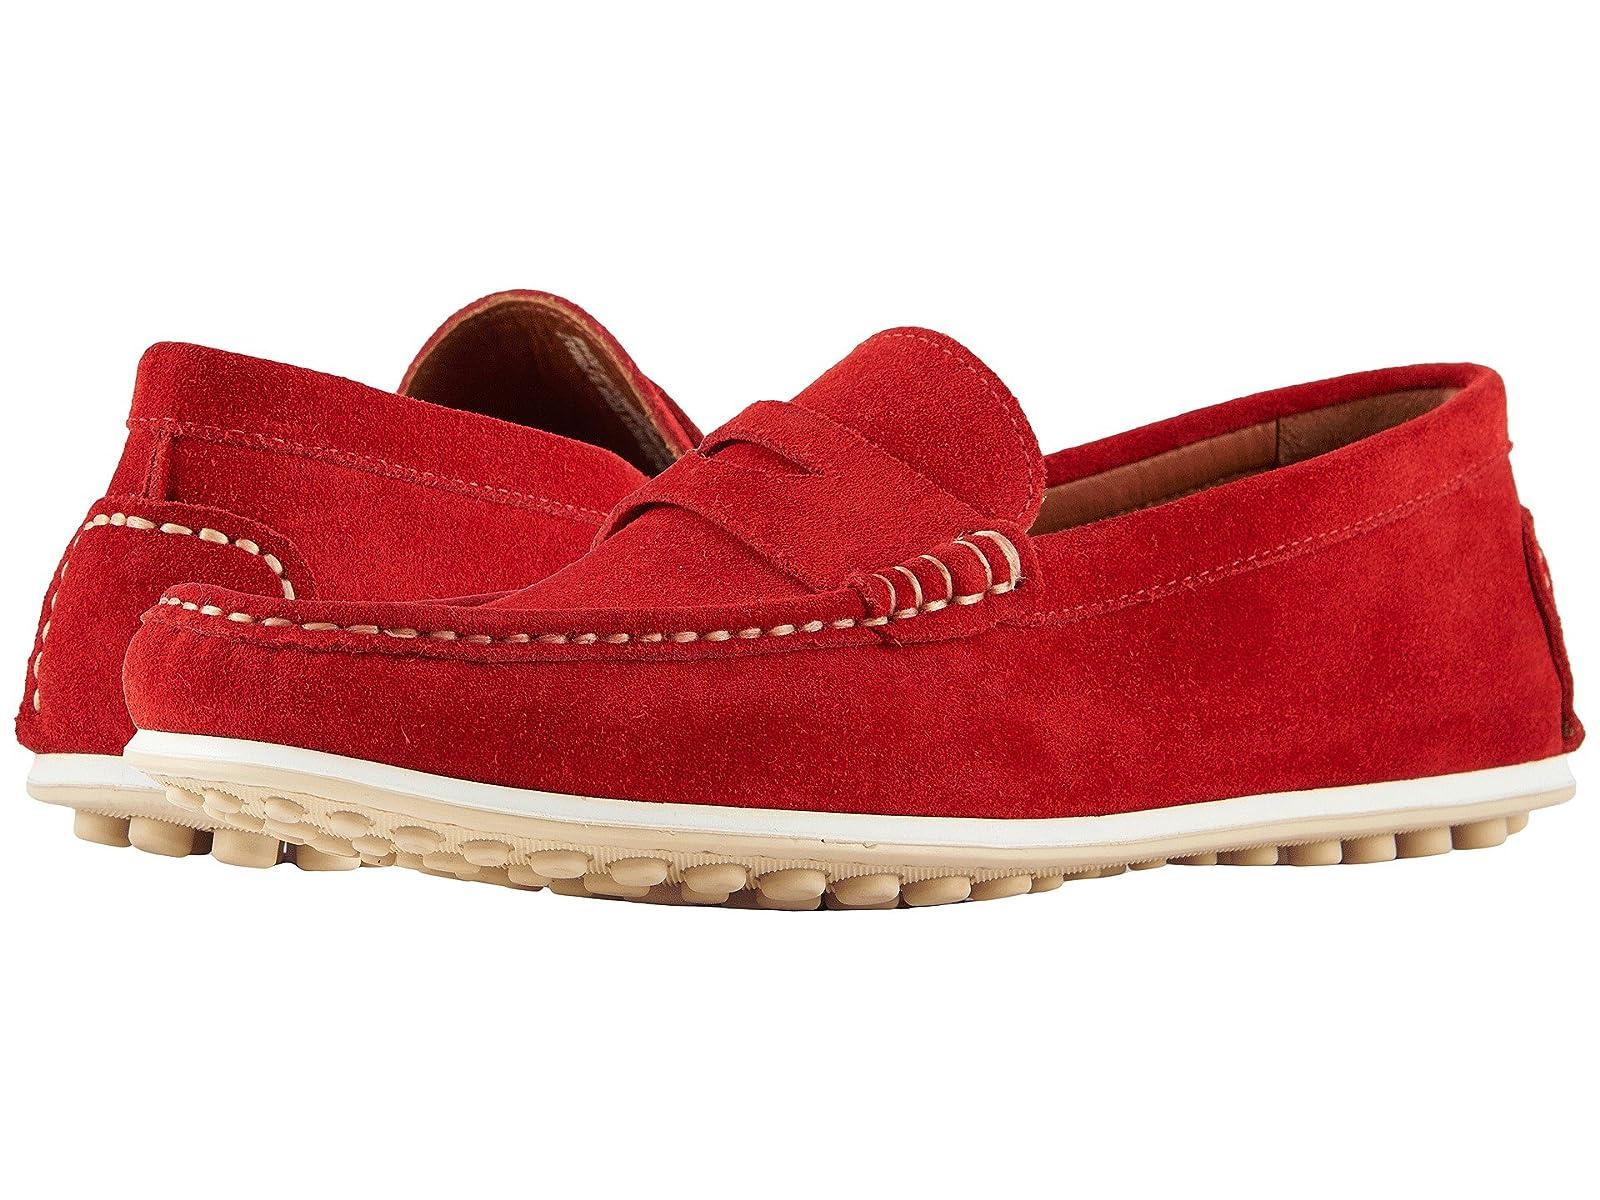 Allen Edmonds Turner PennyAtmospheric grades have affordable shoes